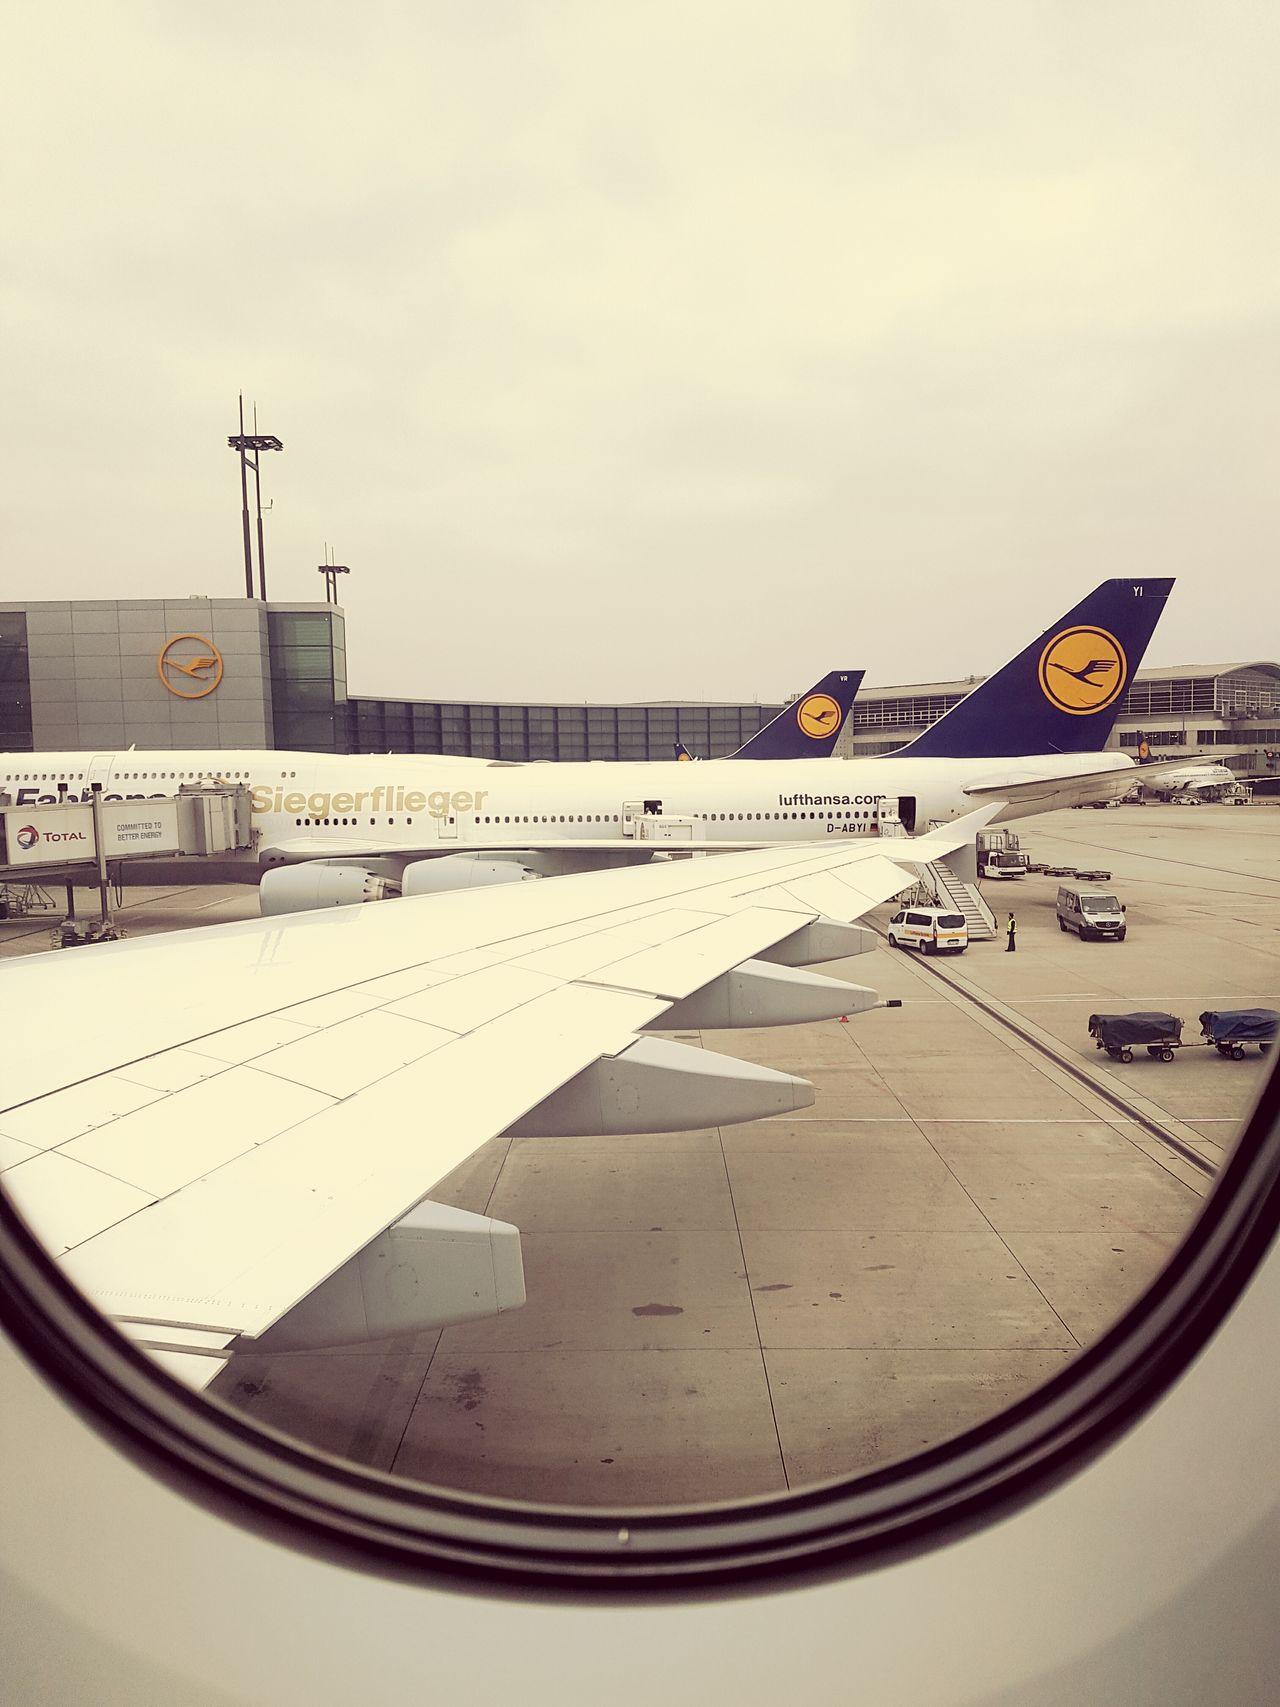 Airport Airport Runway Airbus Lufthansa Lufthansa A380 A380-800 Siegerflieger Flugzeug Fraport Frankfurt